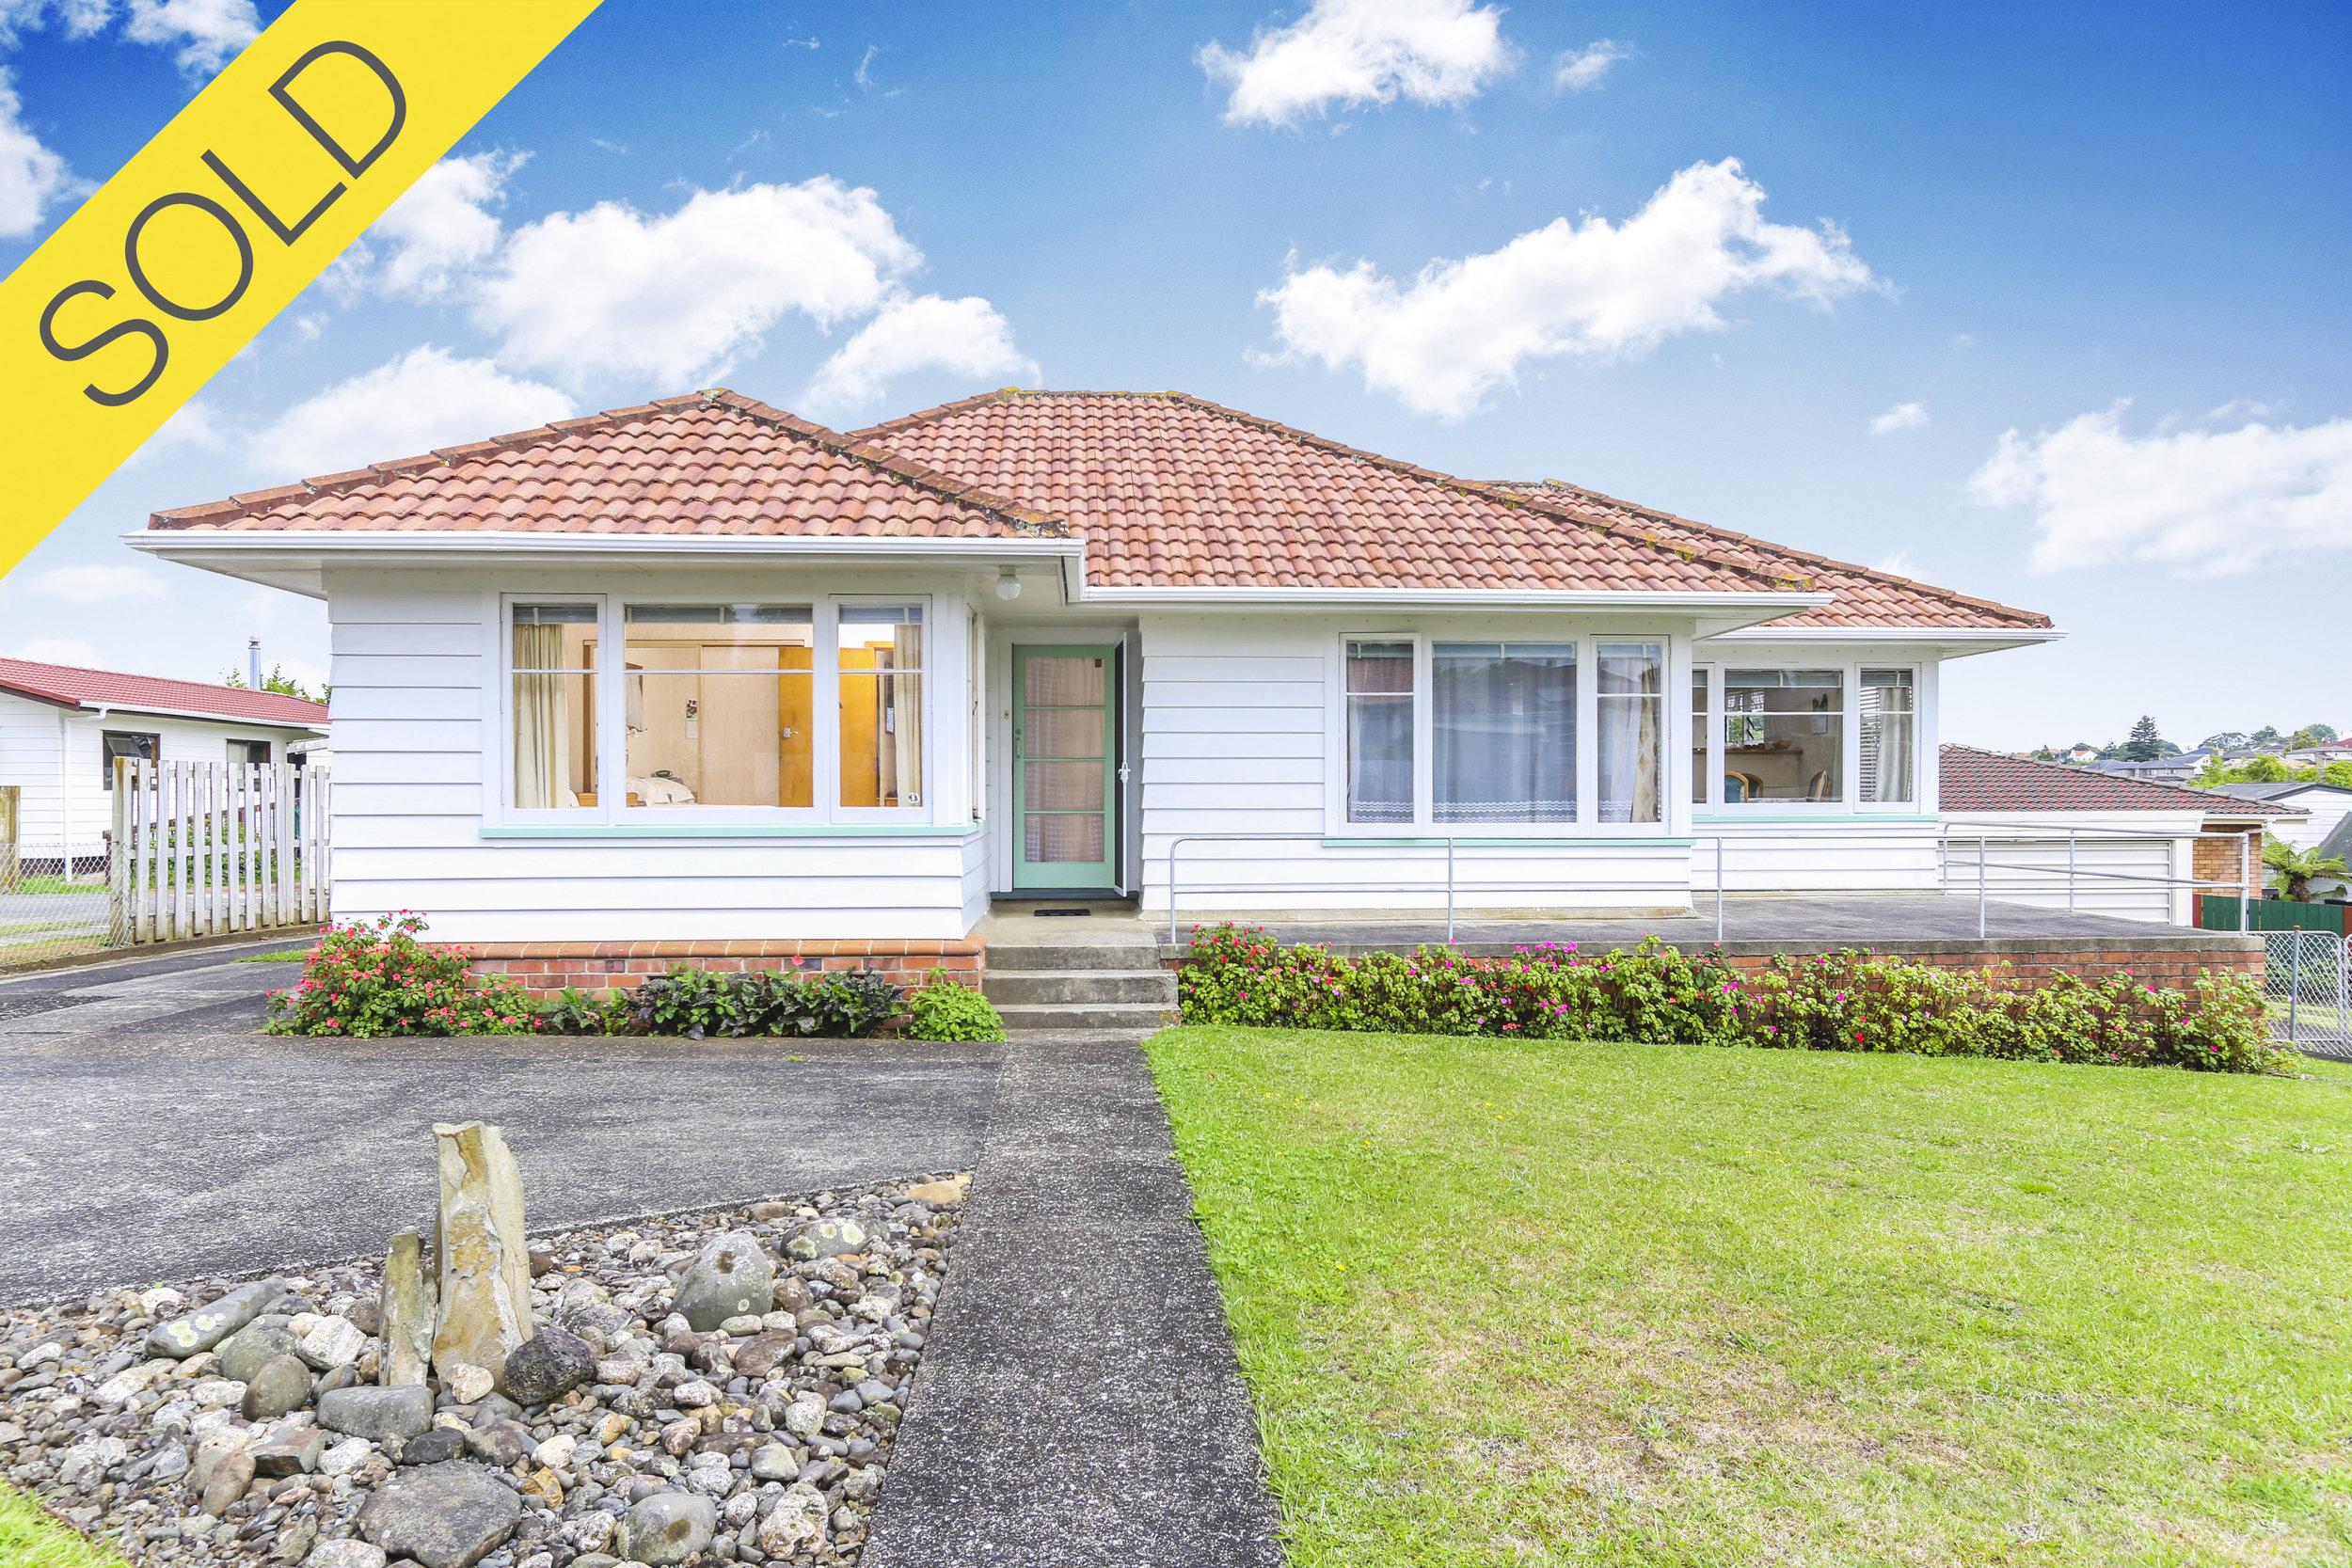 91 Hillsborough Road, Hillsbrgh, Auckland - SOLD MARCH 20173 Beds I 1 Bath I 5 Parking